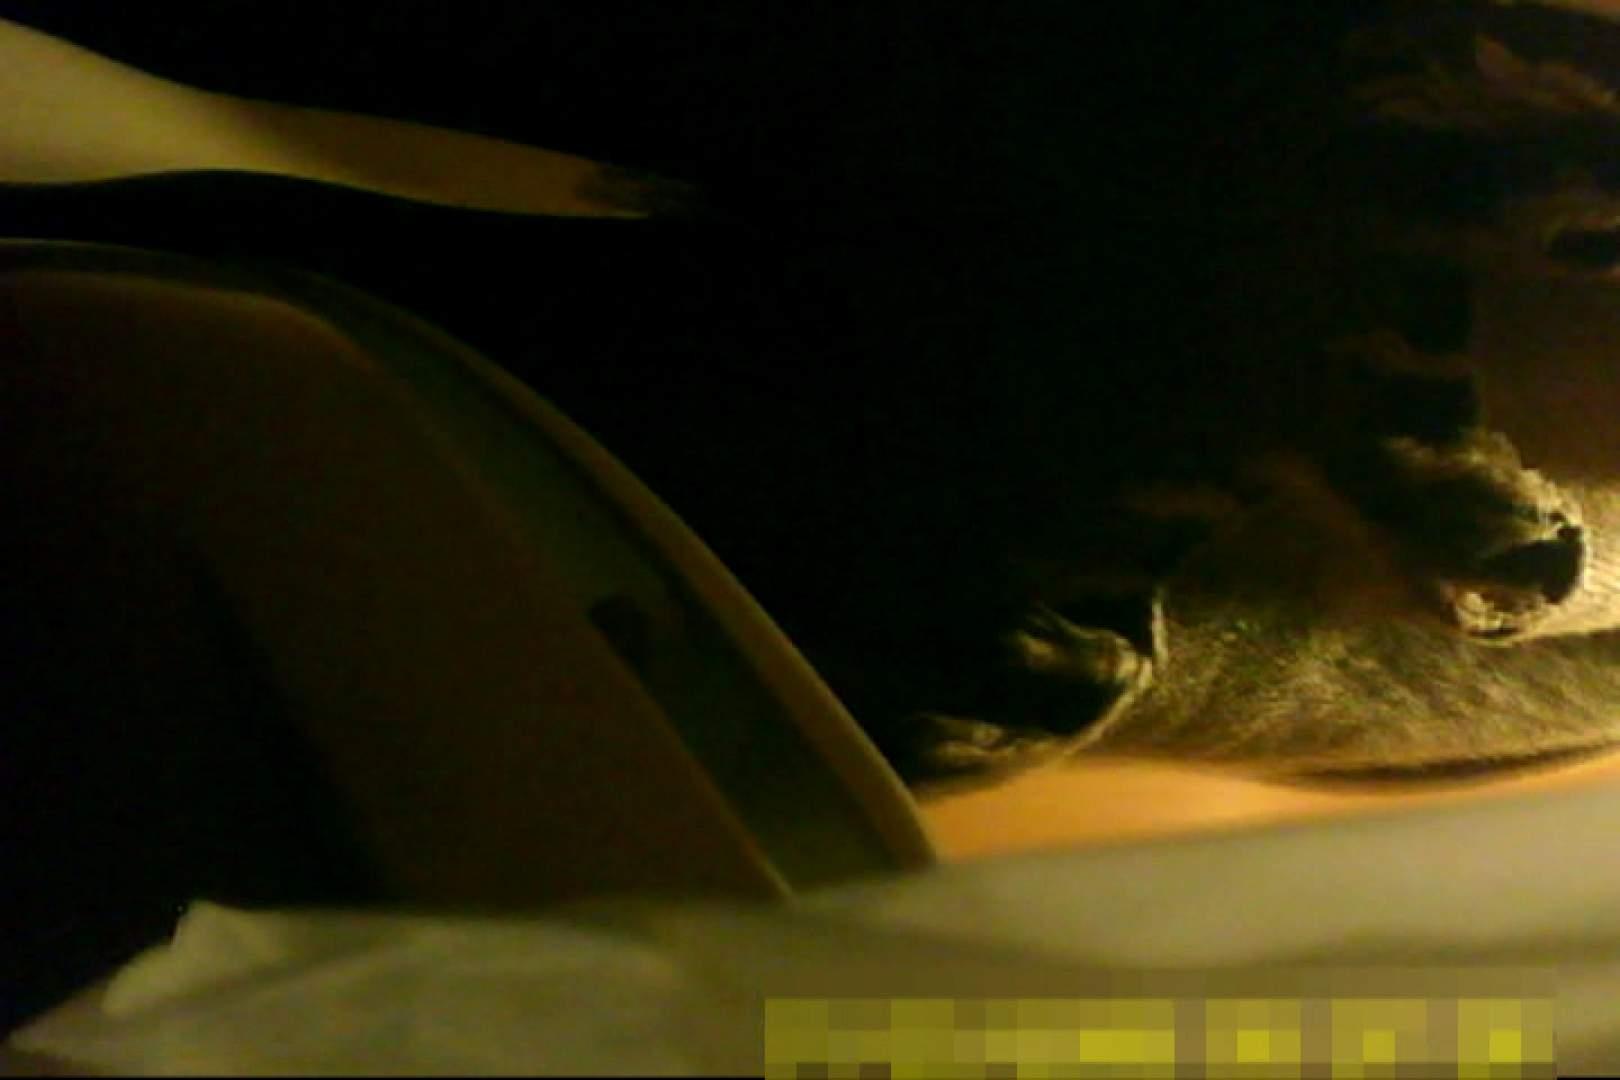 魅惑の化粧室~禁断のプライベート空間~vol.8 熟女のエッチ | プライベート  63pic 41